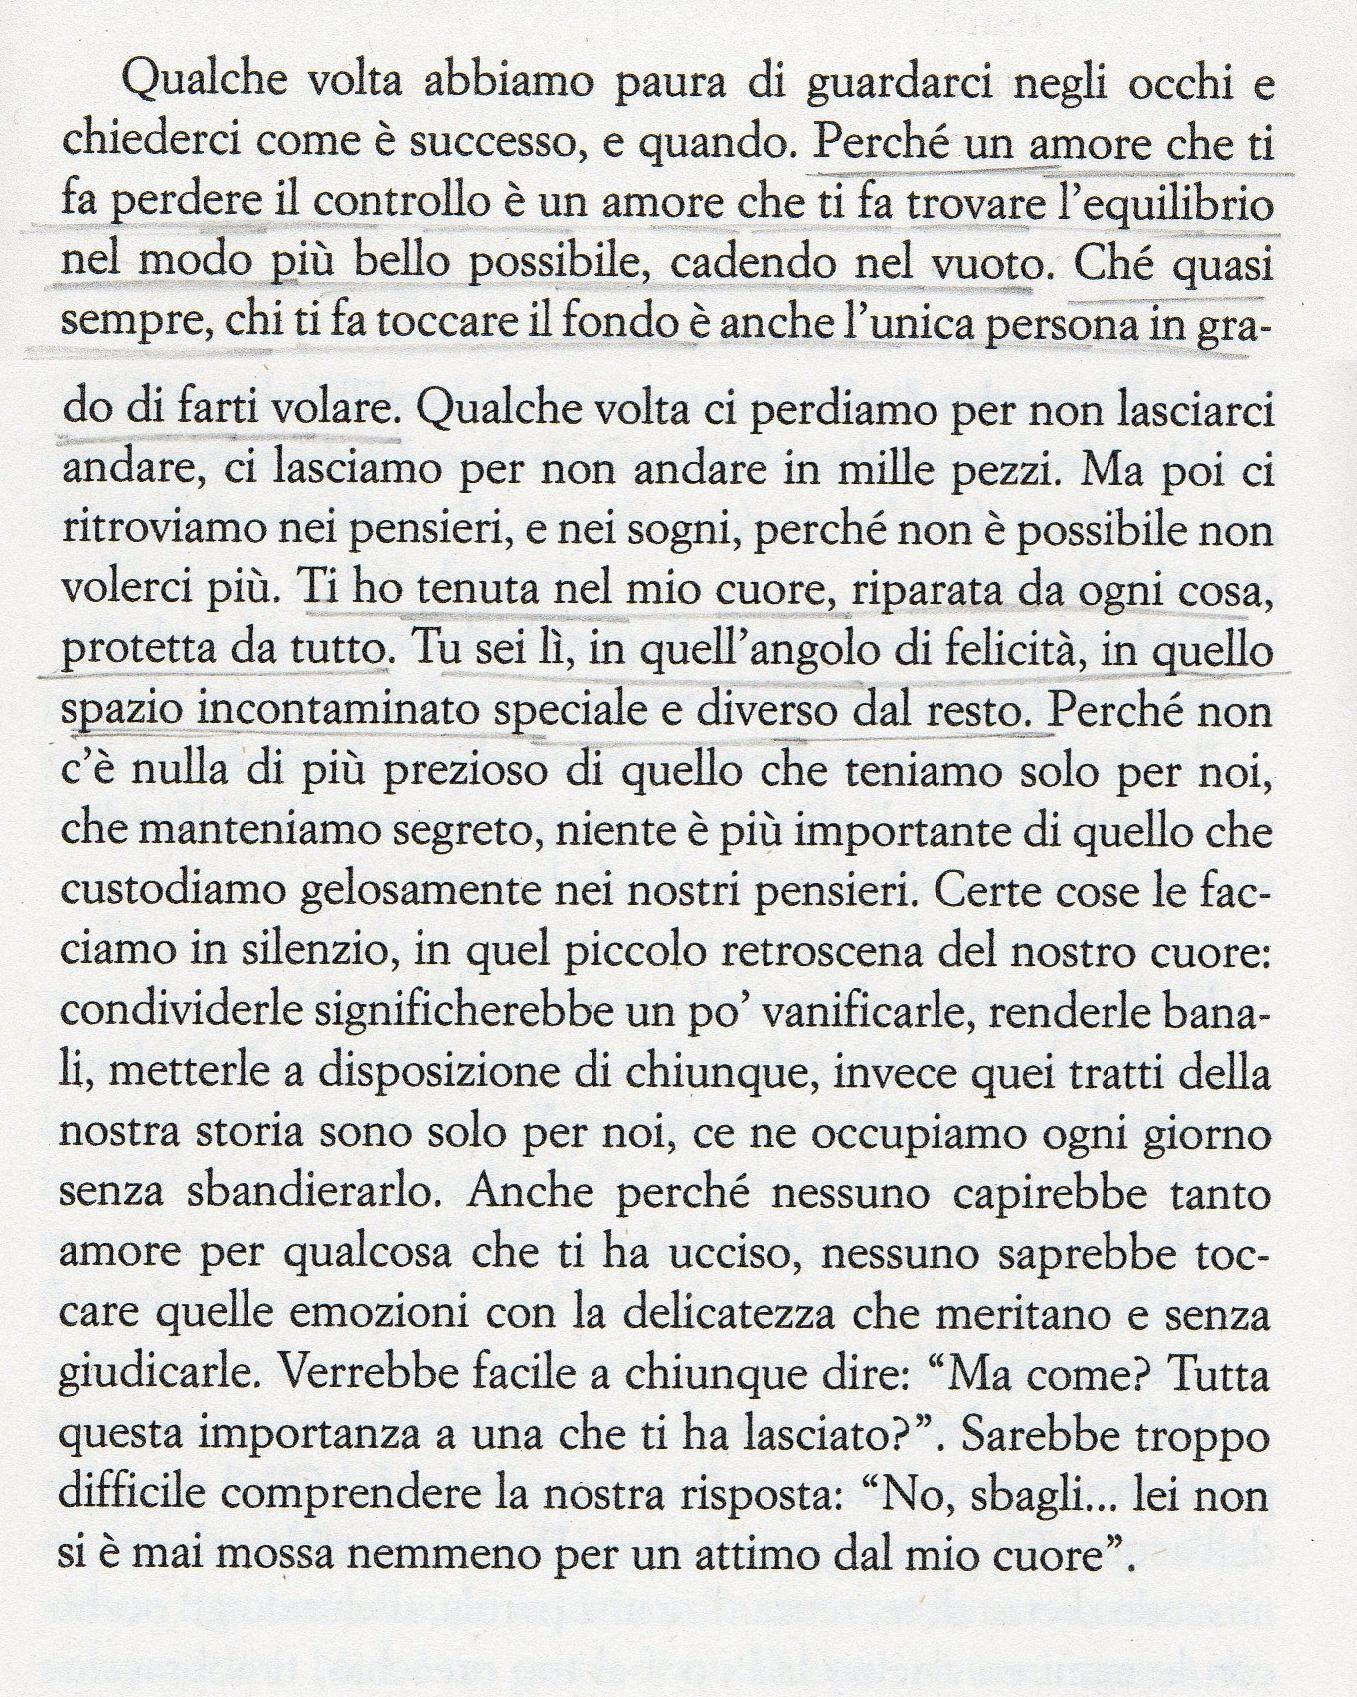 Roberto Emanuelli E Allora Baciami Citazioni Citazioni Casuali